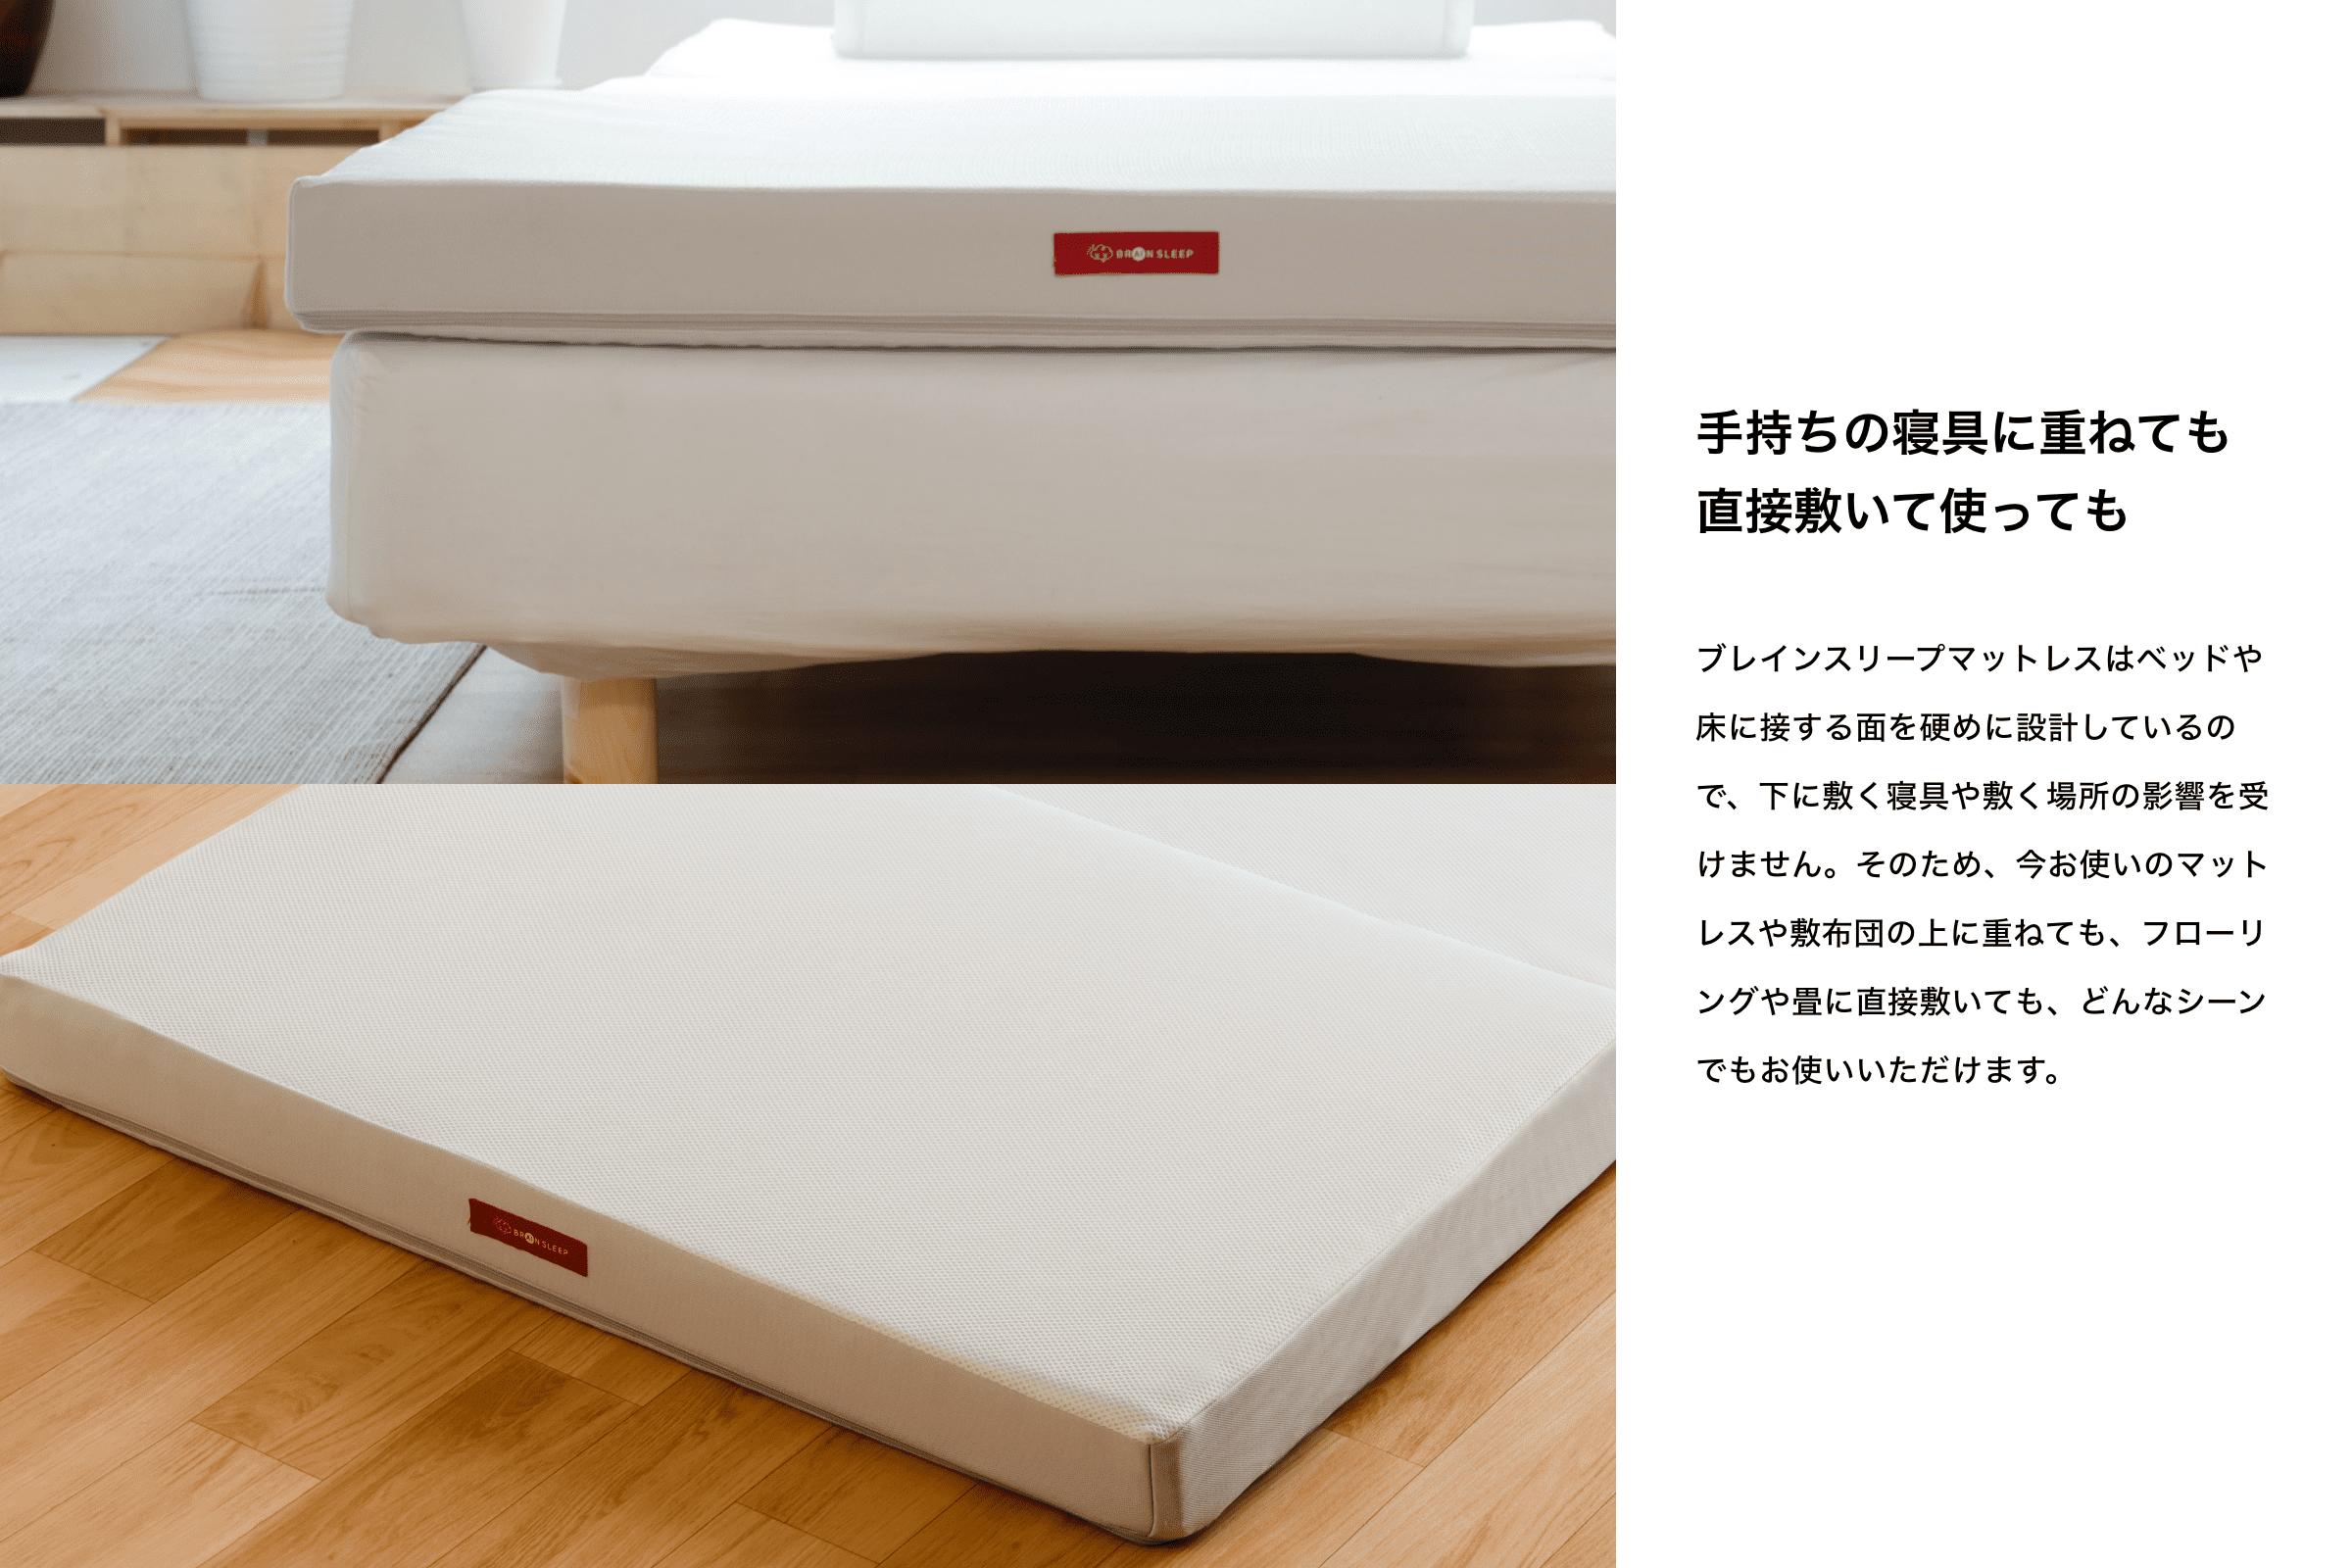 手持ちの寝具に重ねても直接敷いて使っても